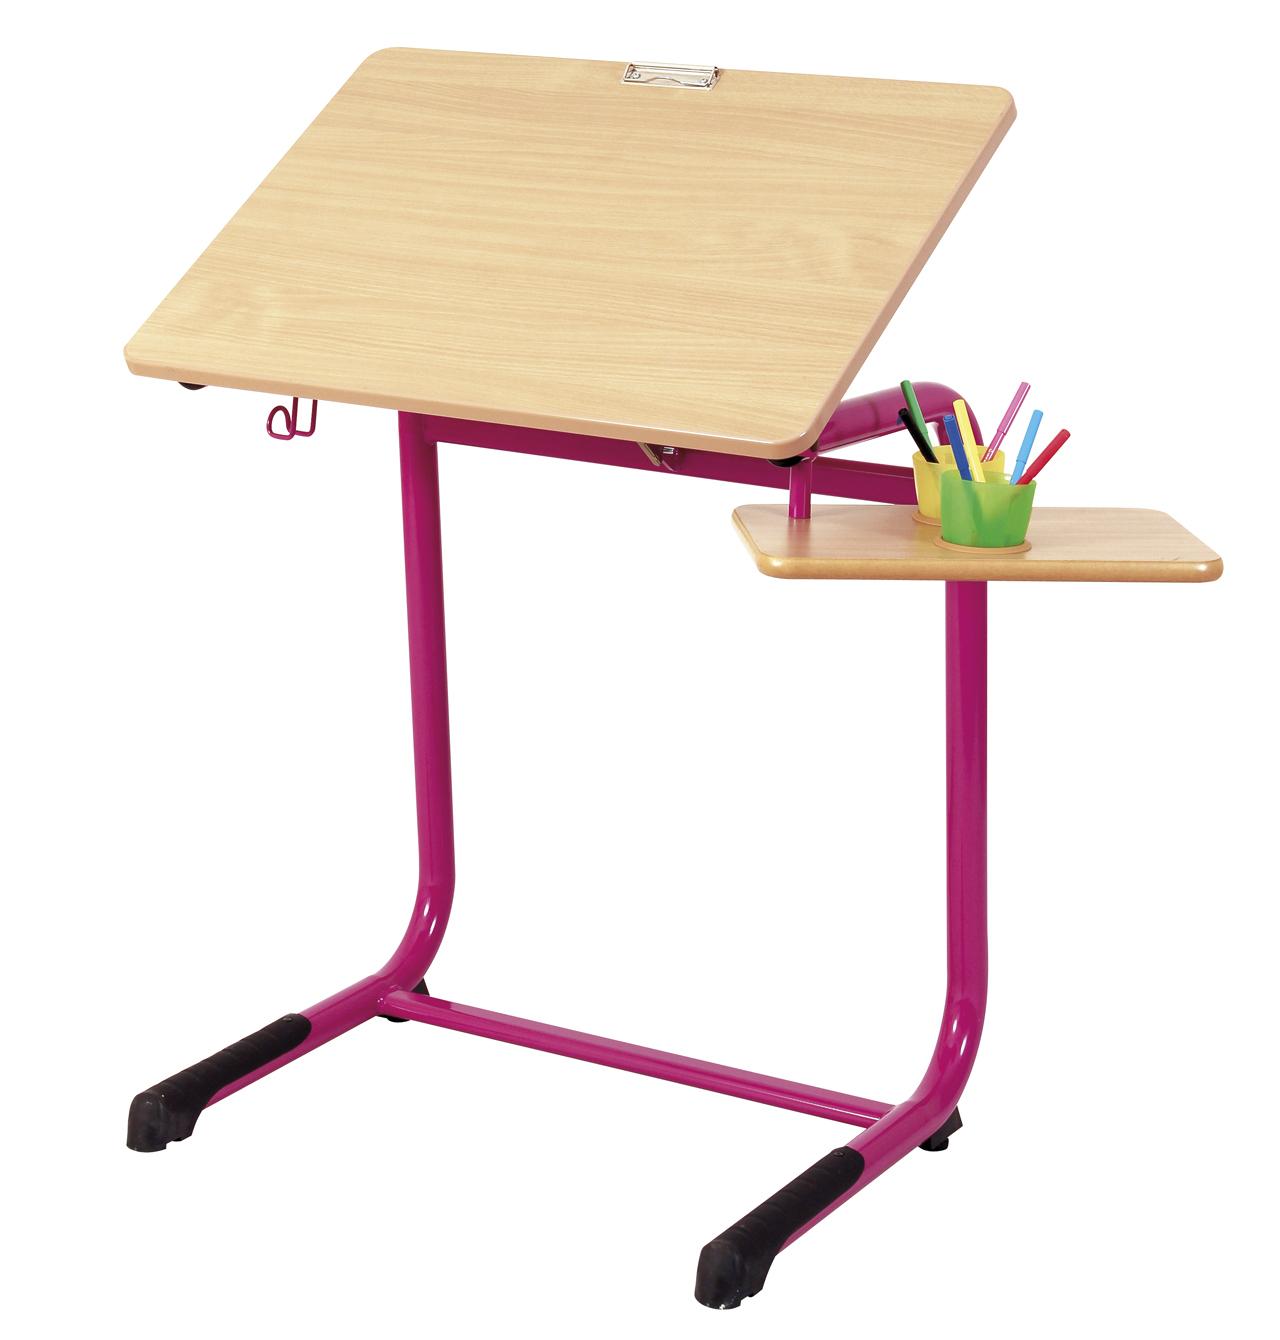 Školní lavice MANET je určena do interiérového prostředí, a své uplatnění najde především ve školstv...